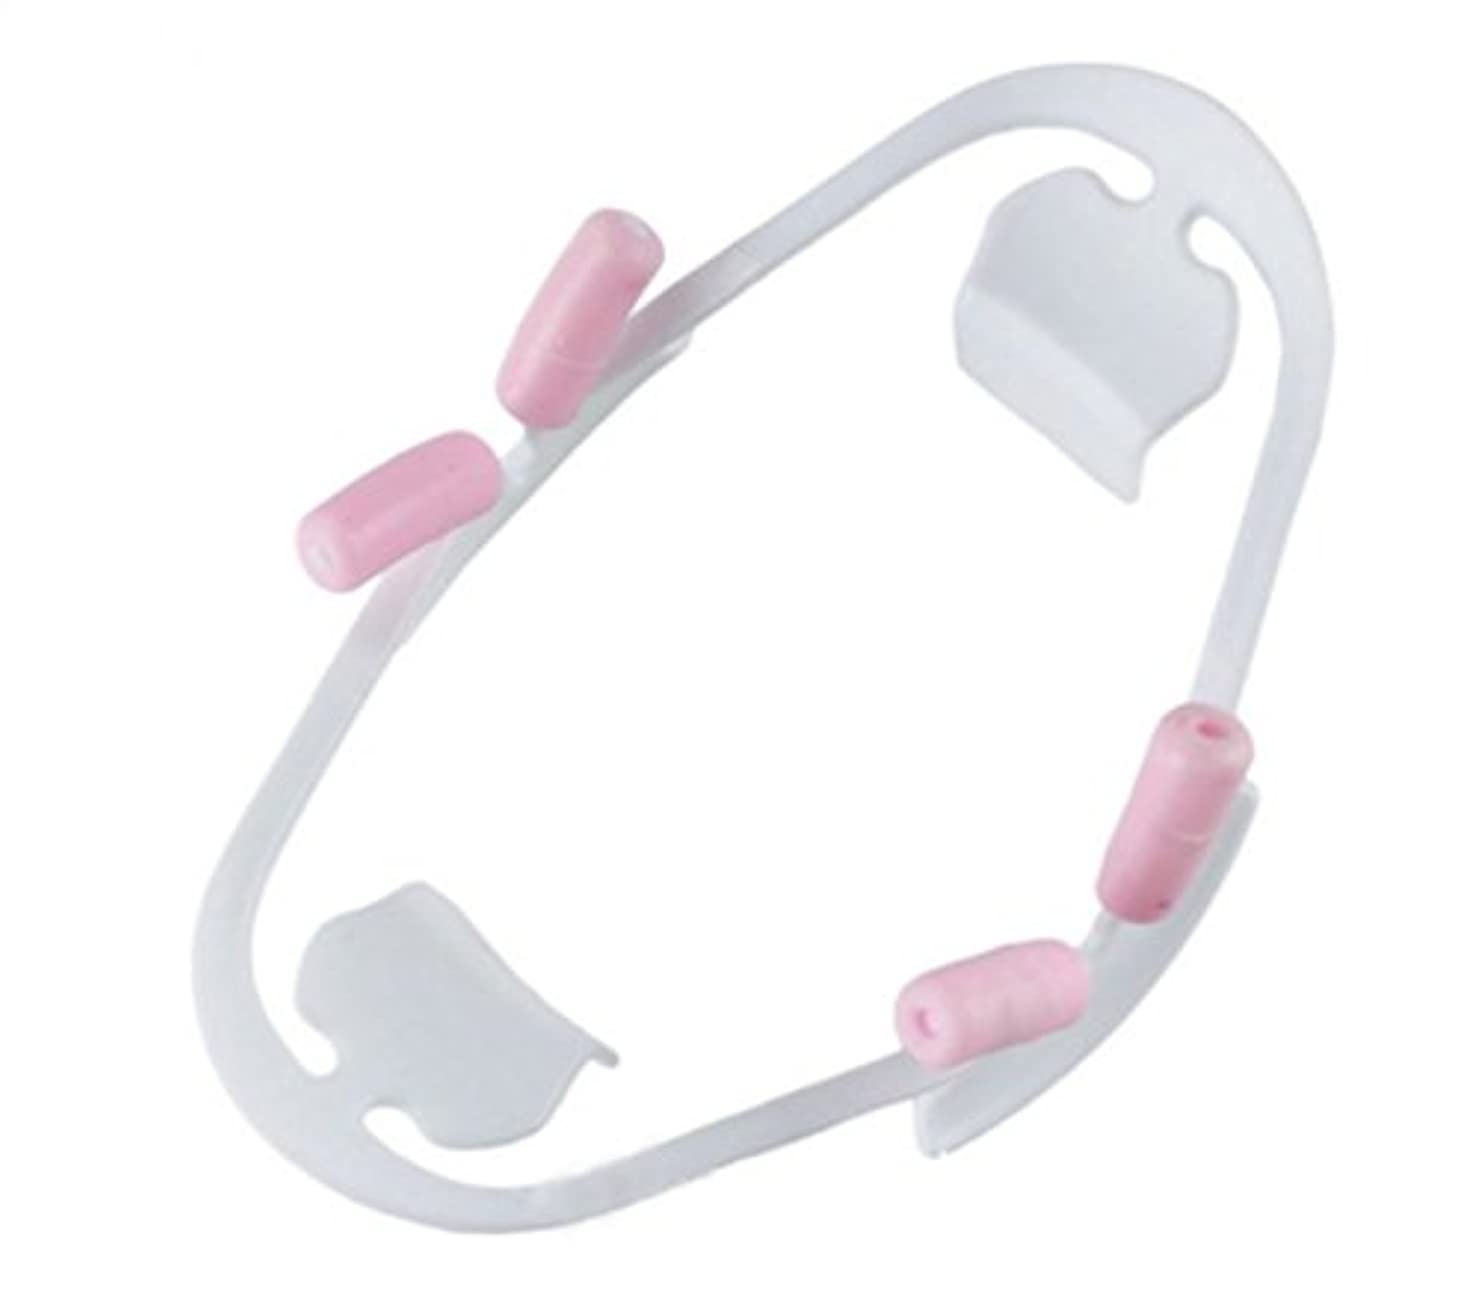 セラー横向き補償diconna 歯科開口器 3D マウスオープナー 開口器 1個 業務用